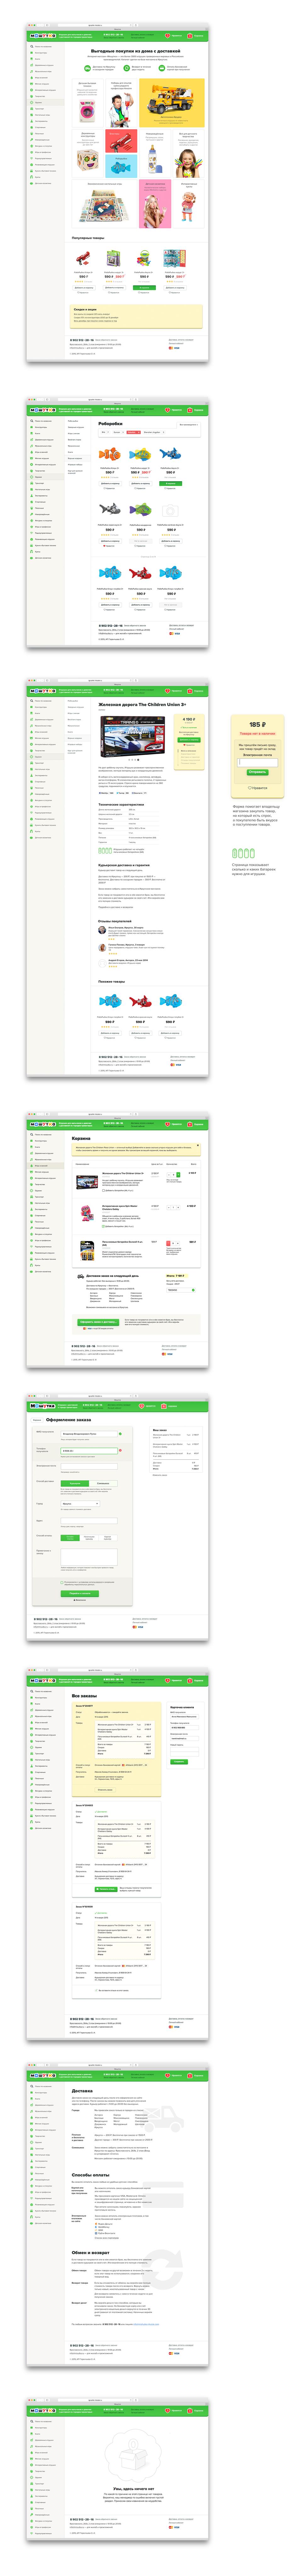 Интернет-магазин игрушек «Мишутка»: проектирование, оформление и сборка